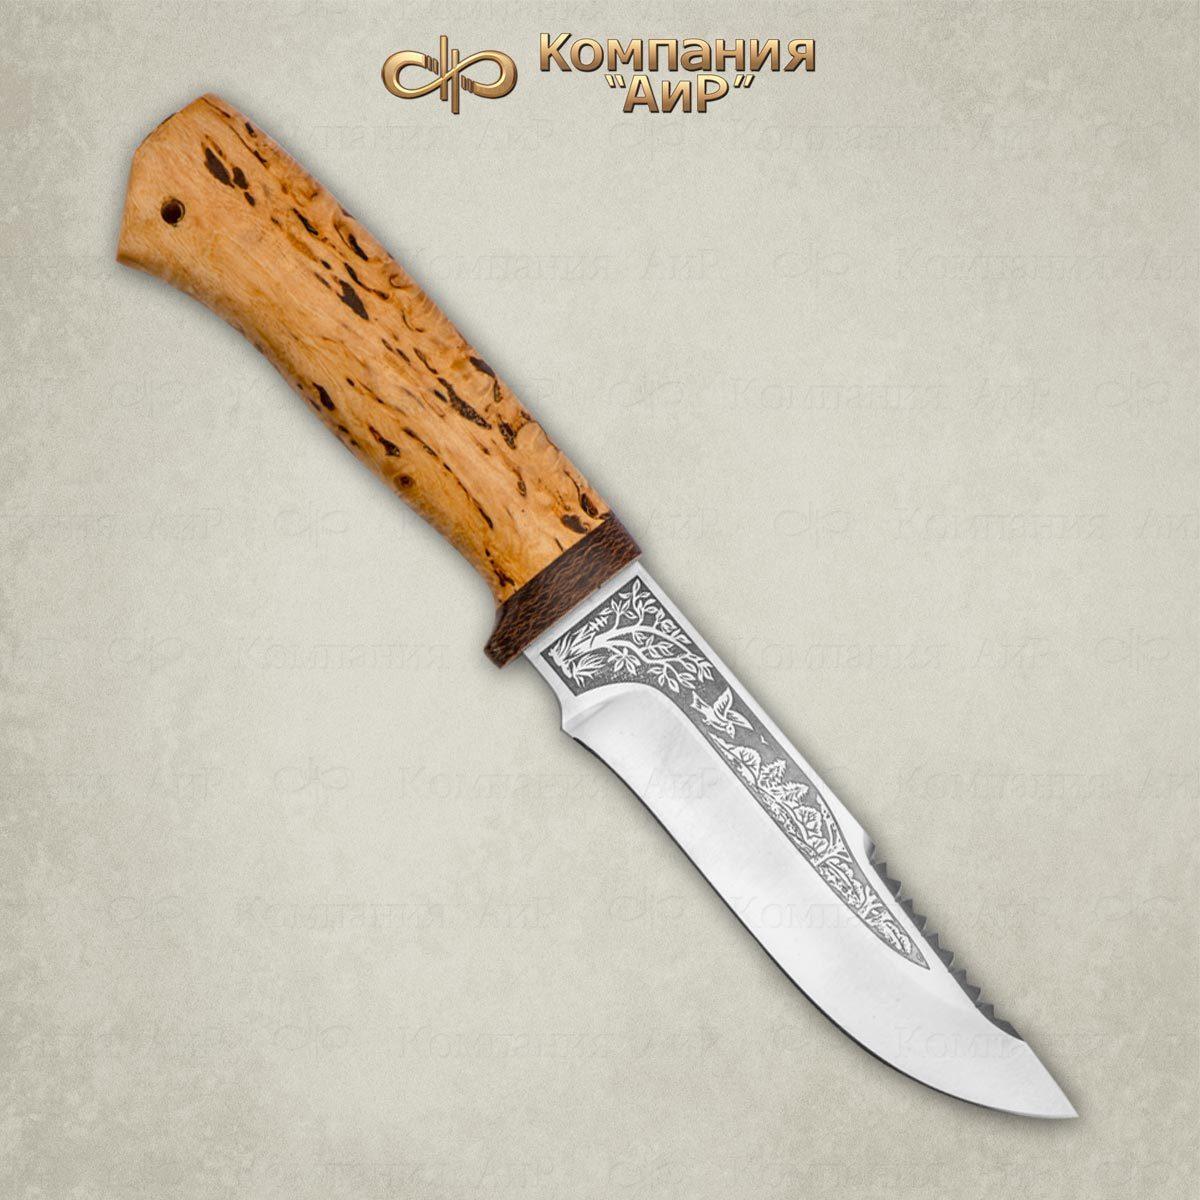 Фото - Нож АиР Стрелец, сталь М390, рукоять карельская береза пчак закат рукоять карельская береза